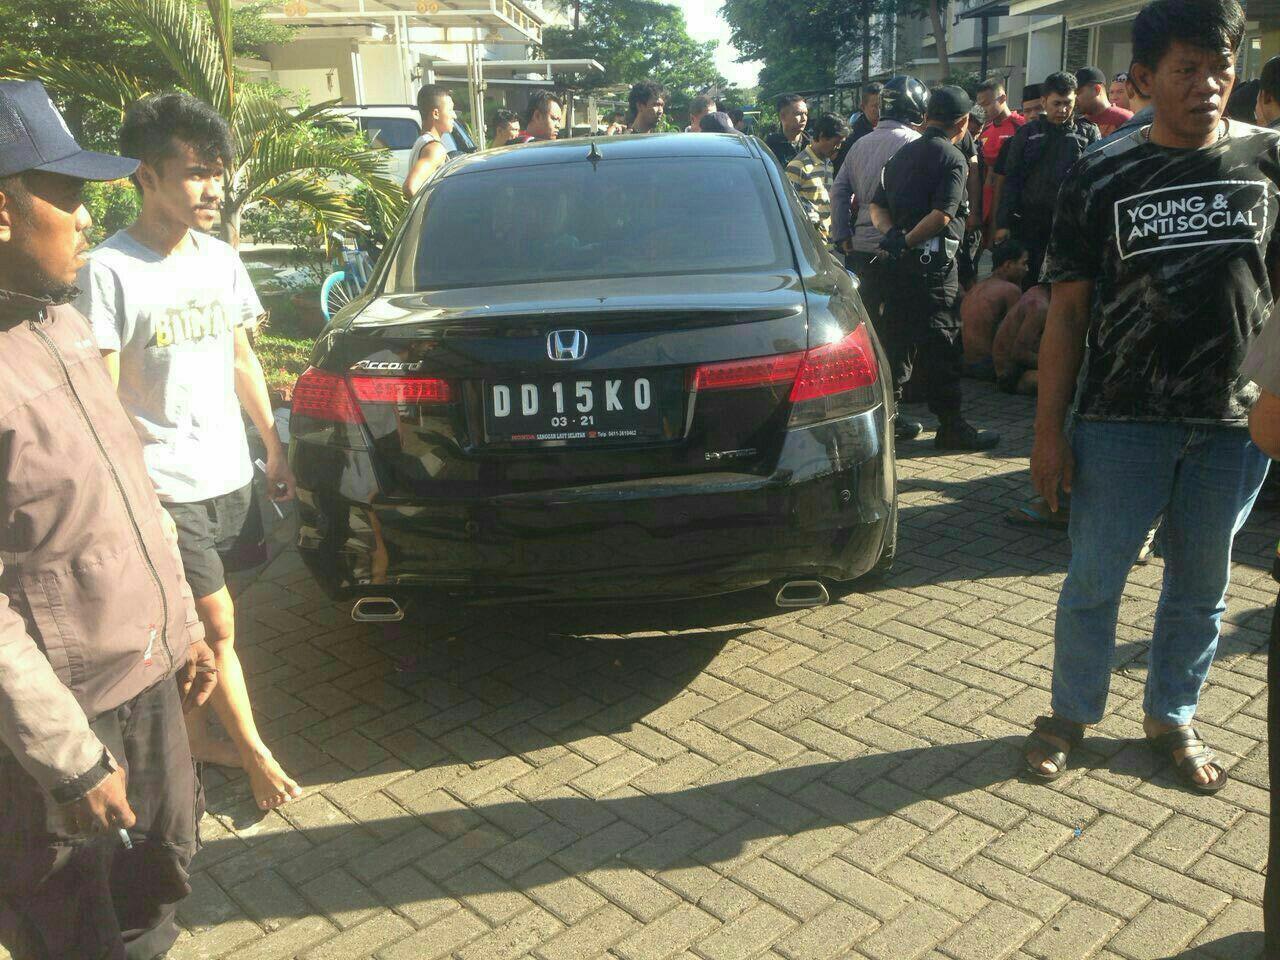 Mobil yang diduga dikendarai sopir pelaku tabrak lari yang menyebabkan tiga pemuda lebam-lebam. (Liputan6.com/Fauzan)